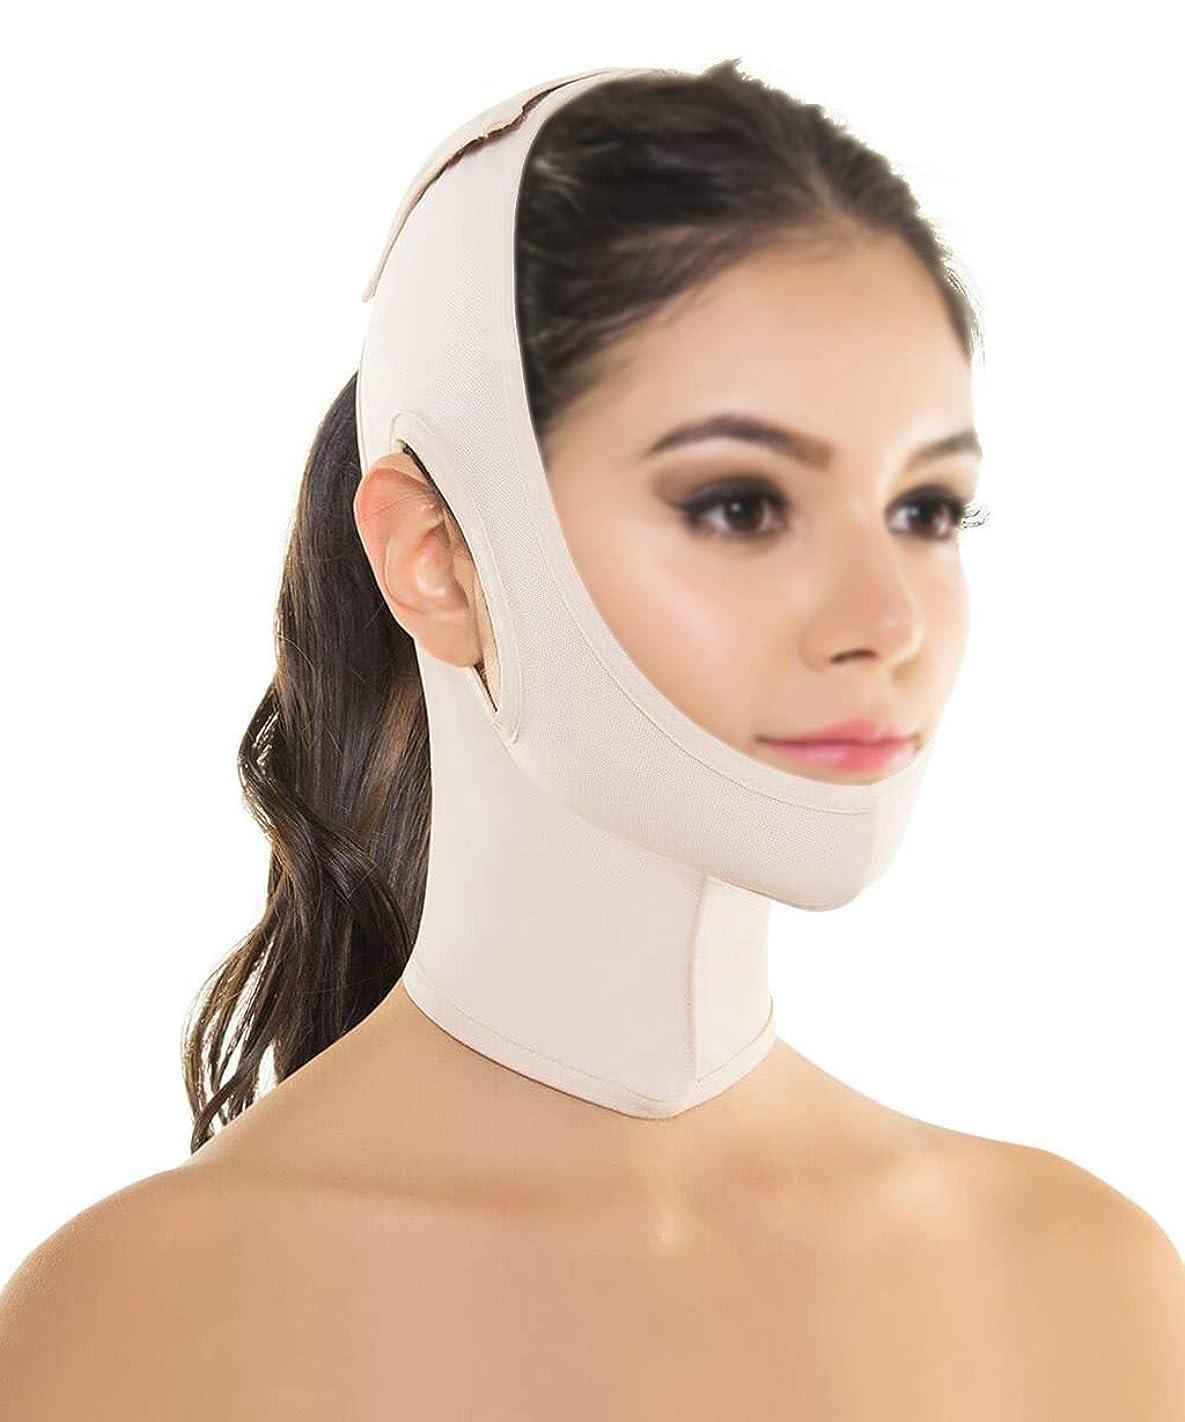 再編成する配当日曜日TLMY フェイシャルリフティングマスクシリコンVマスクリフティングマスクシンフェイスアーティファクトリフティングダブルチン術後包帯フェイシャル&ネックリフティング 顔用整形マスク (Color : Skin tone)